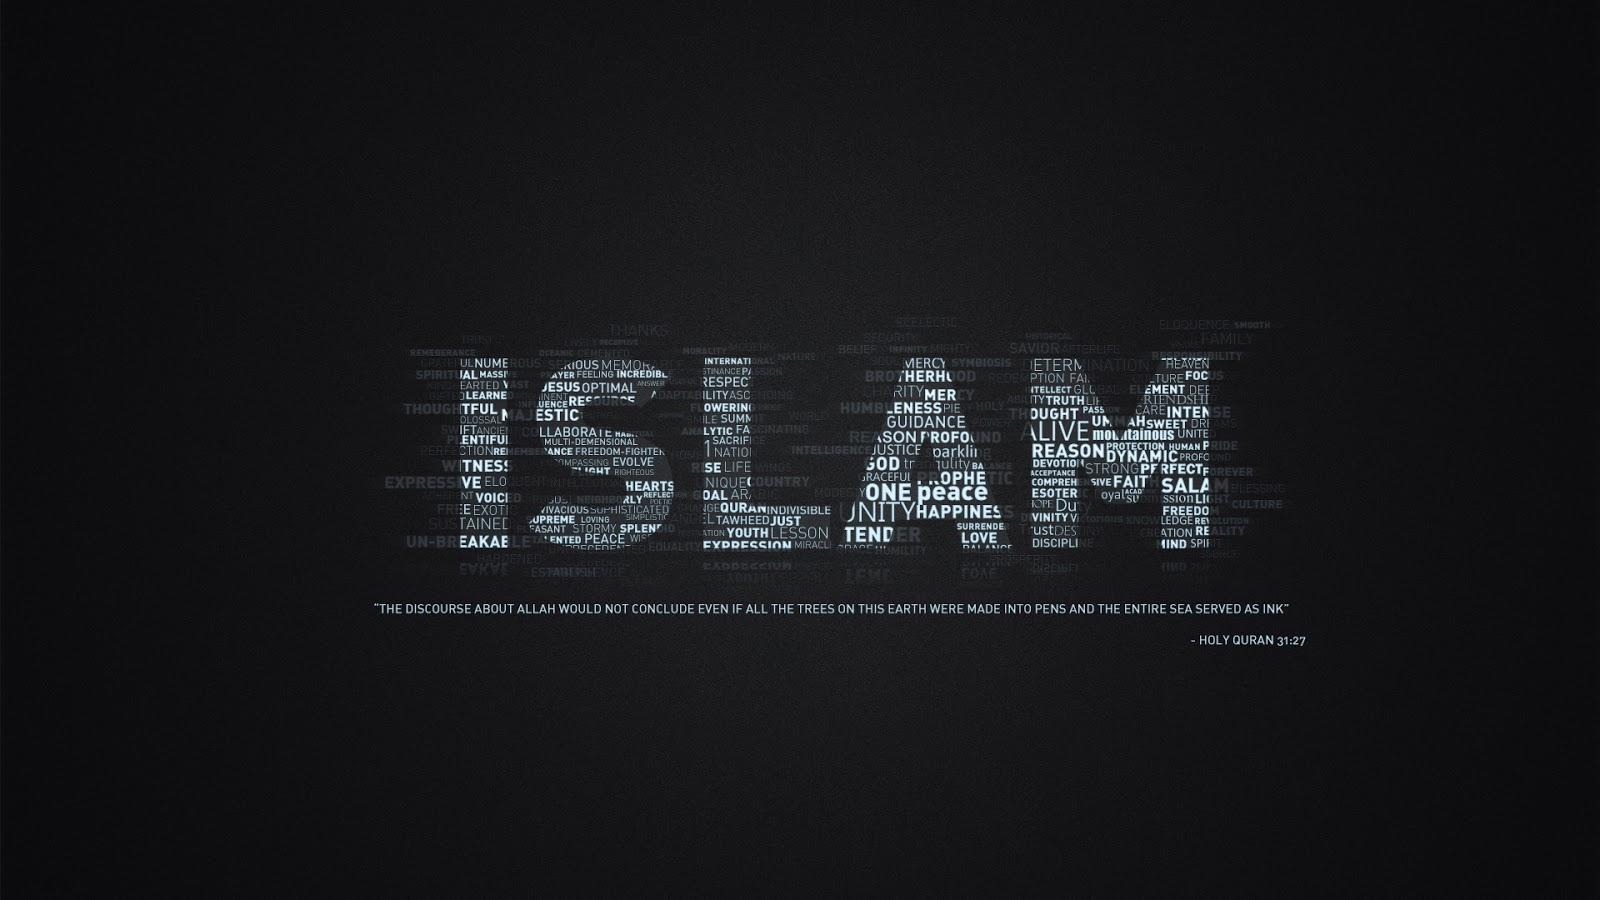 خلفيات اسلامية 2017 جديدة -wallpaper hd startimes , خلفيات متحركة للكمبيوتر hd -Islamic Wallpapers 2013_1376010225_899.